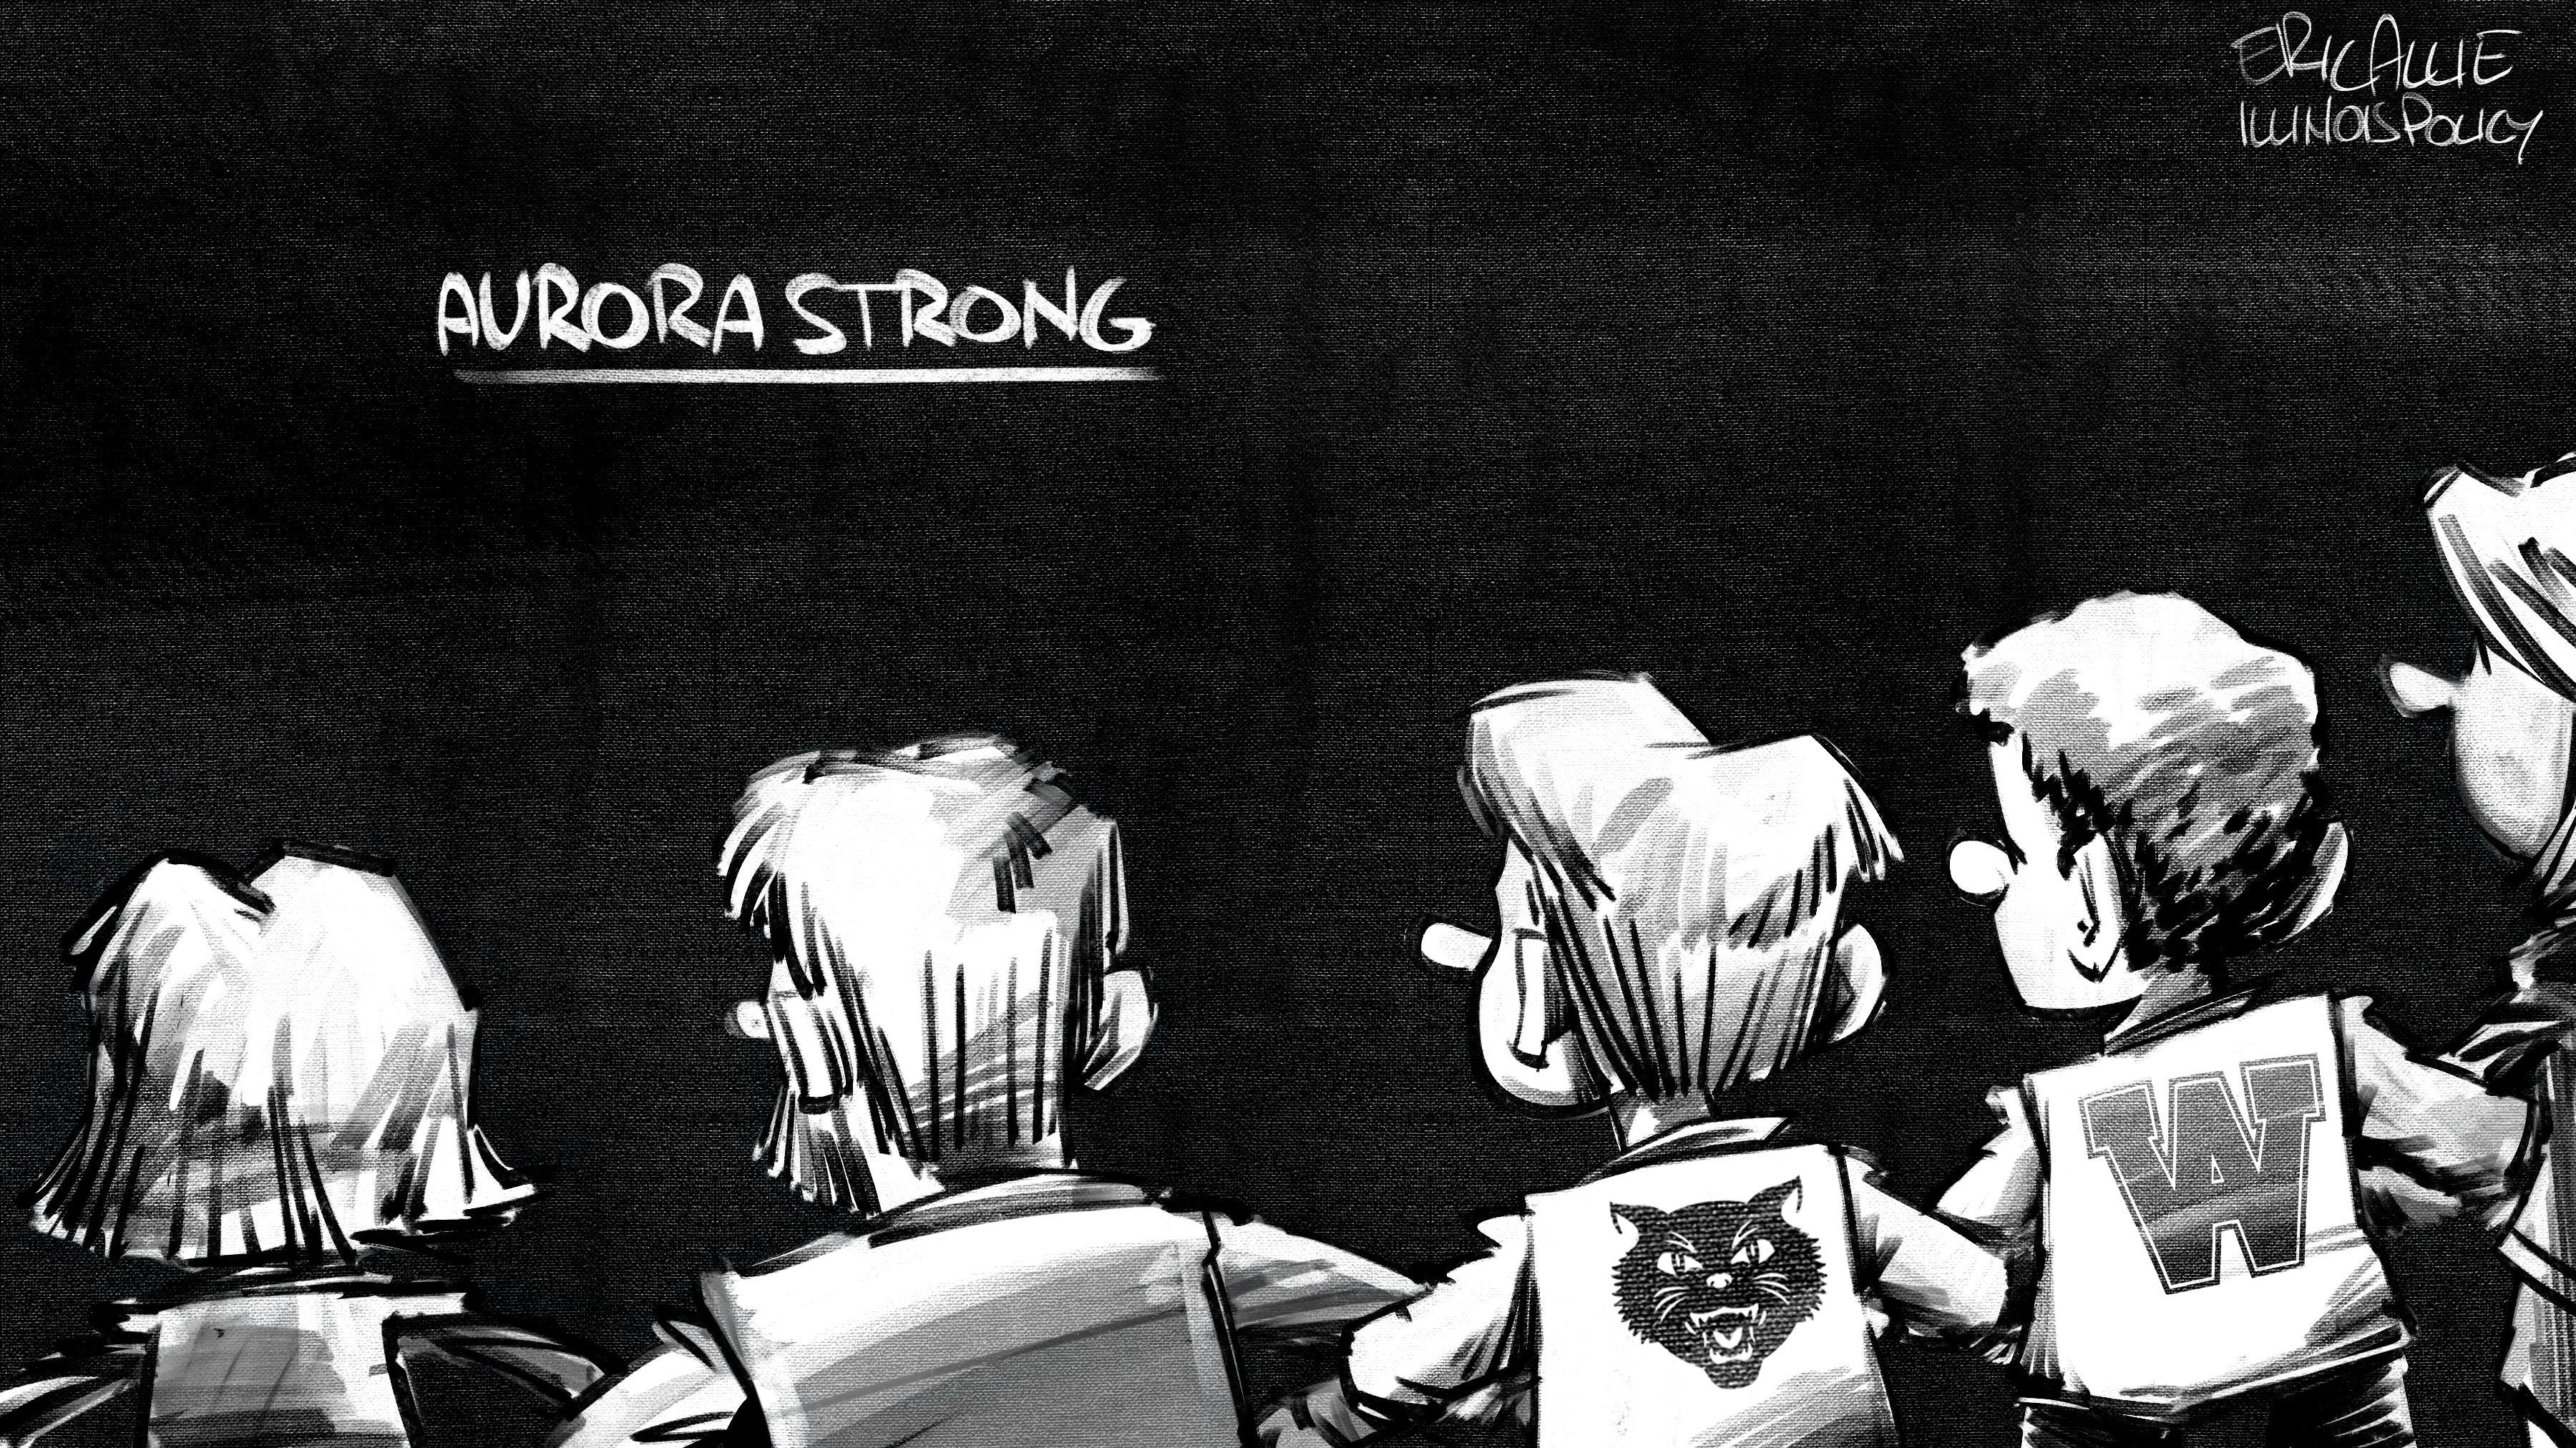 Aurora Strong